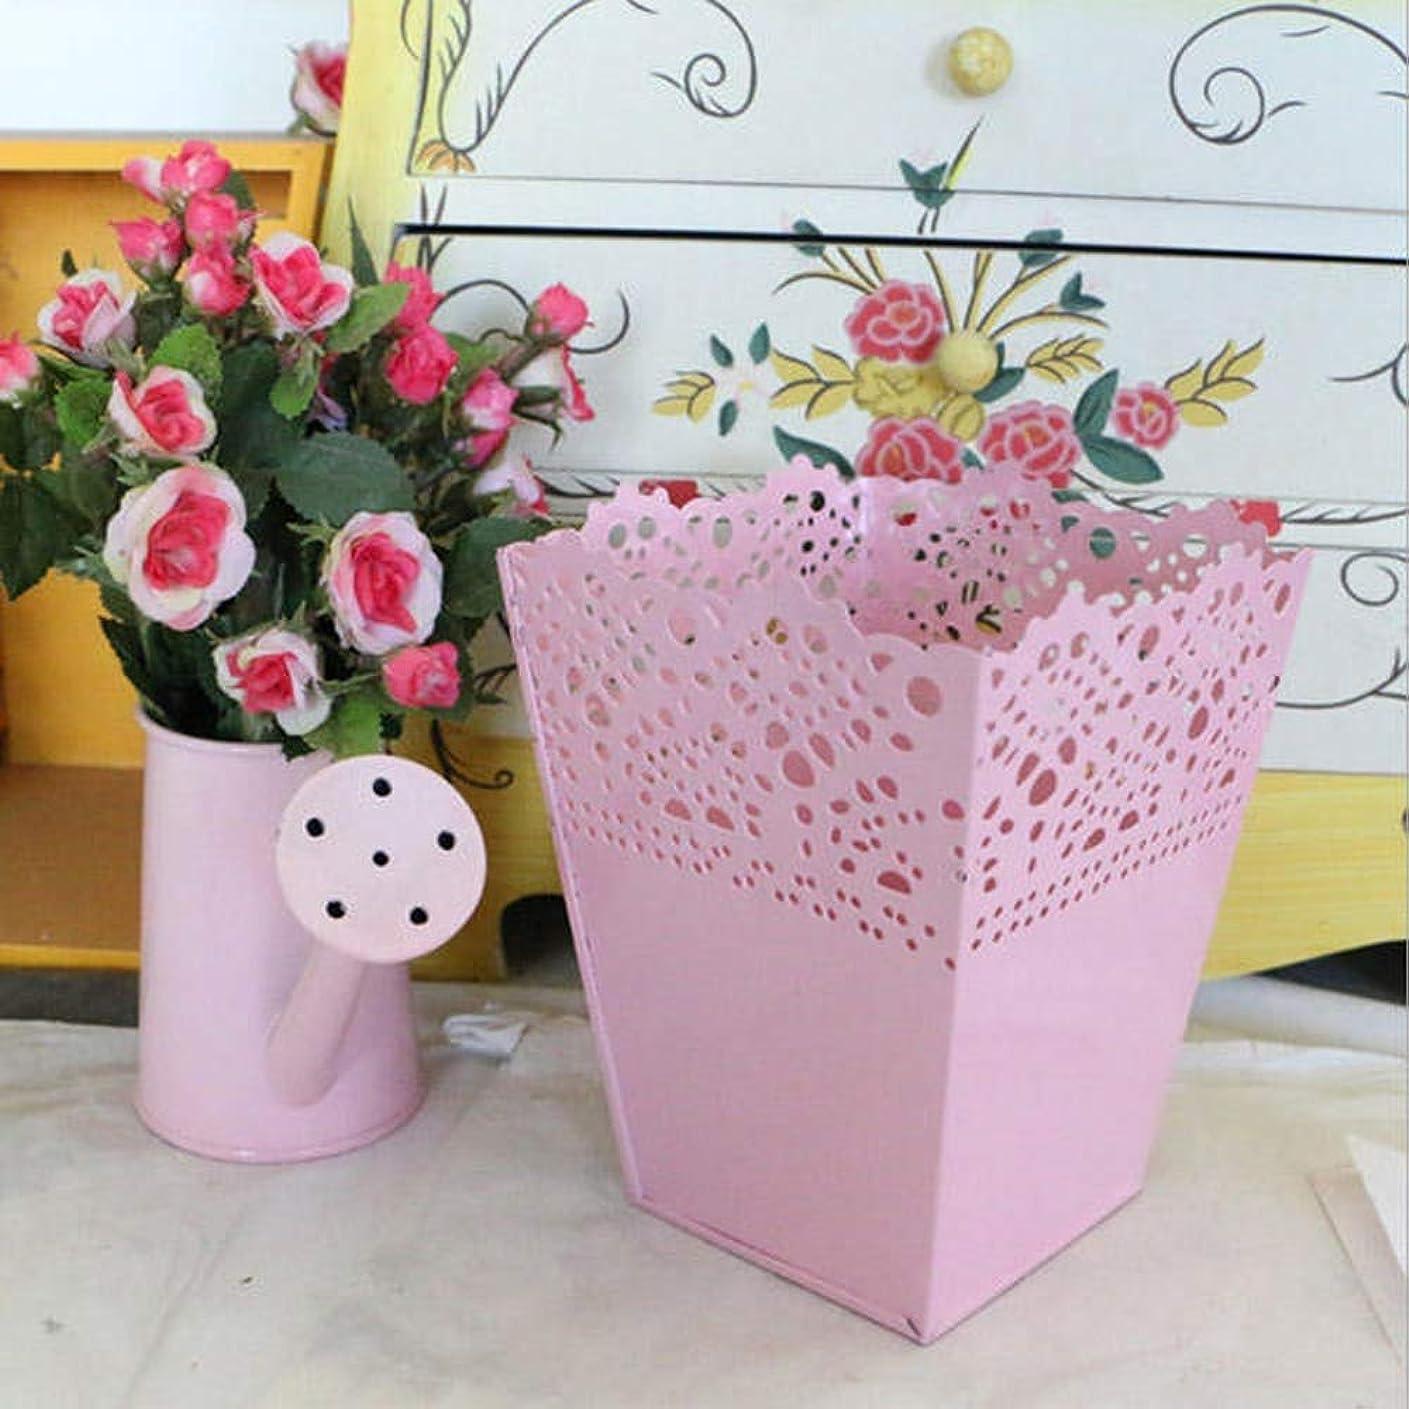 大西洋薬剤師パーツ花鉢 ガーデンアウトドア農村スタイルのロの字アイアン板フラワーポット家の庭の装飾植木鉢 観葉植物 (Color : Pink, Size : One size)